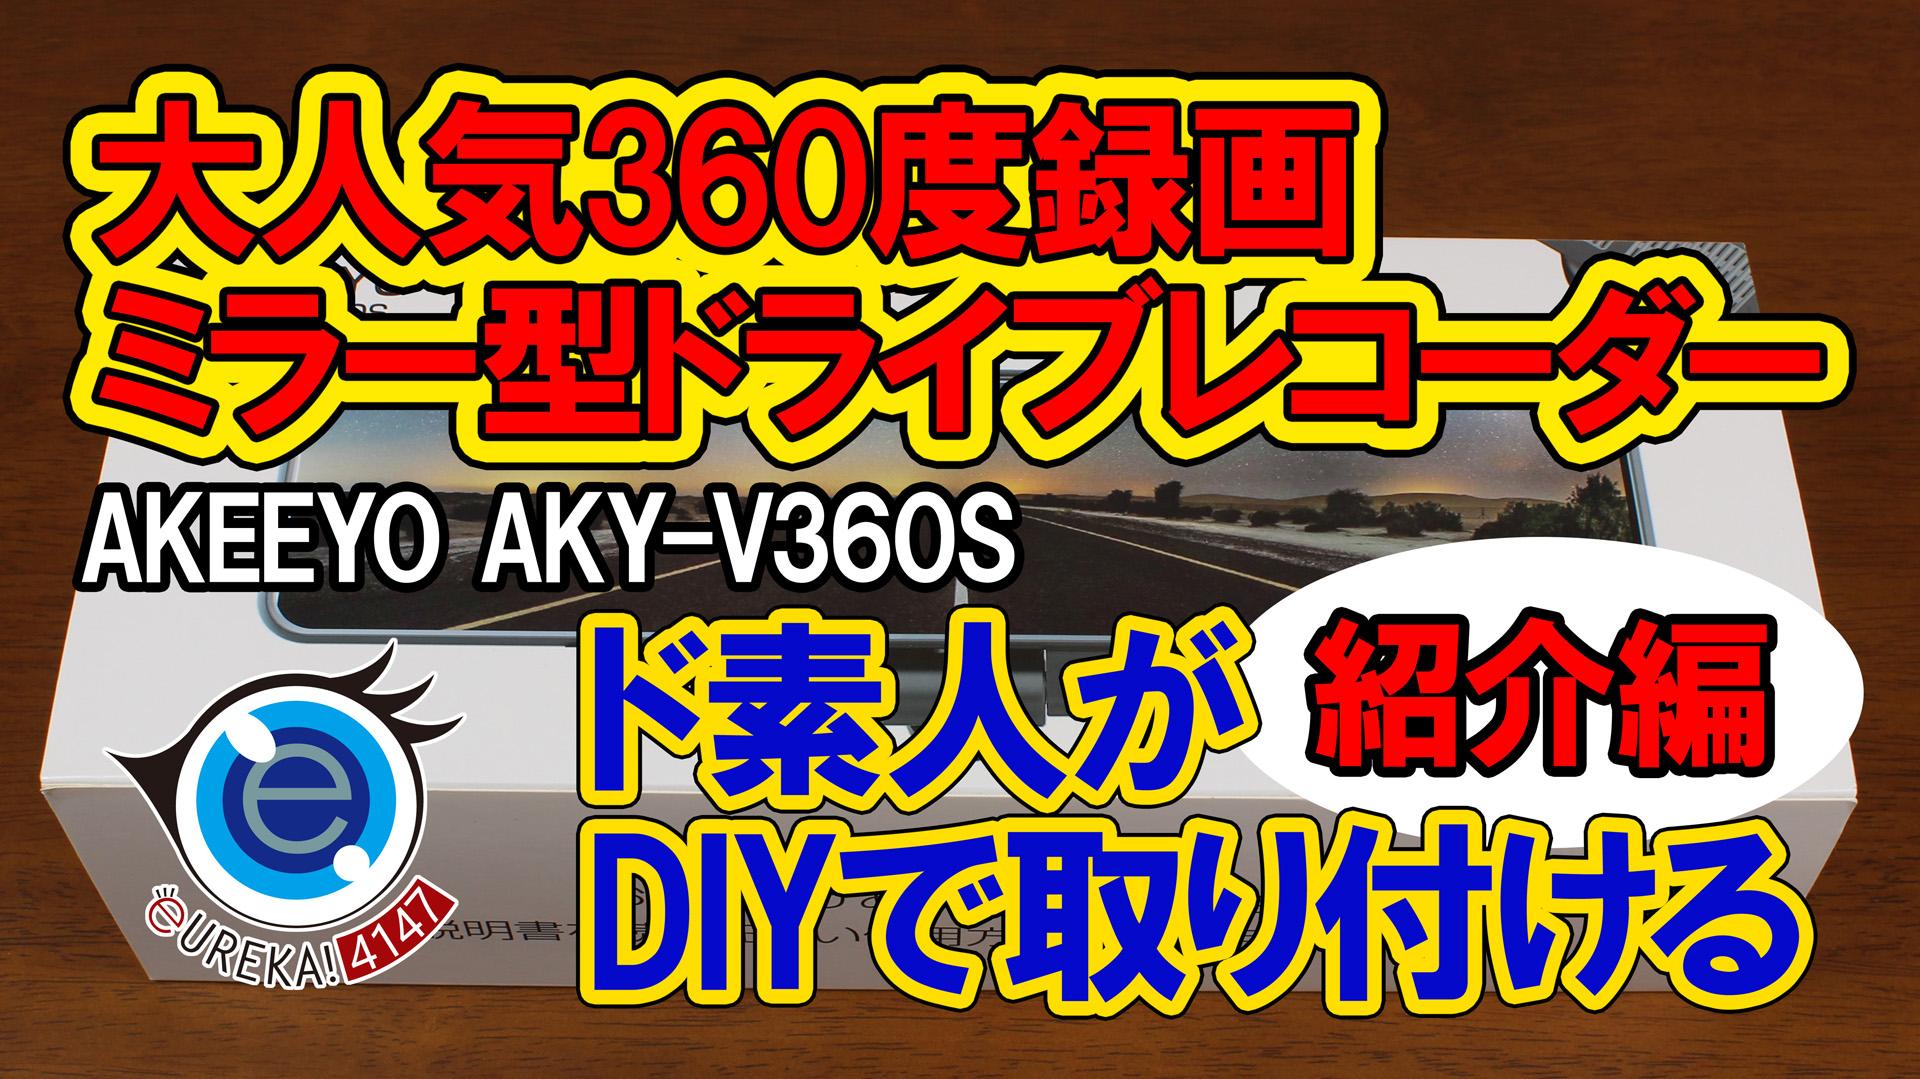 AKY-V360S紹介編タイトル